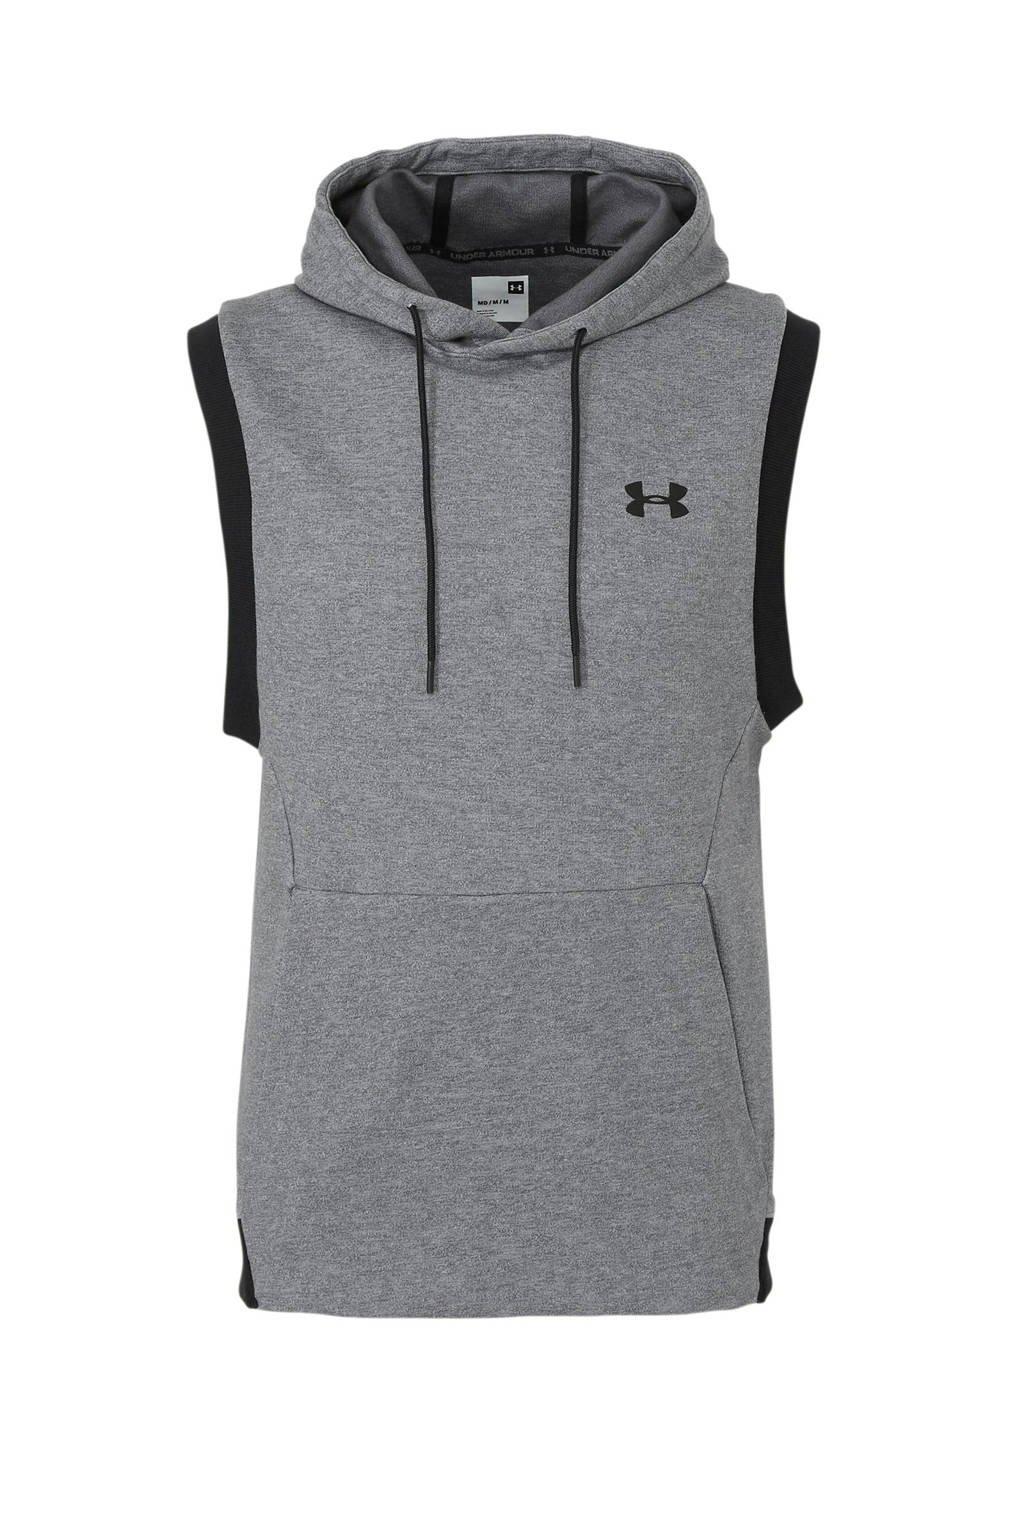 Under Armour   sweater grijs/zwart, Grijs/zwart